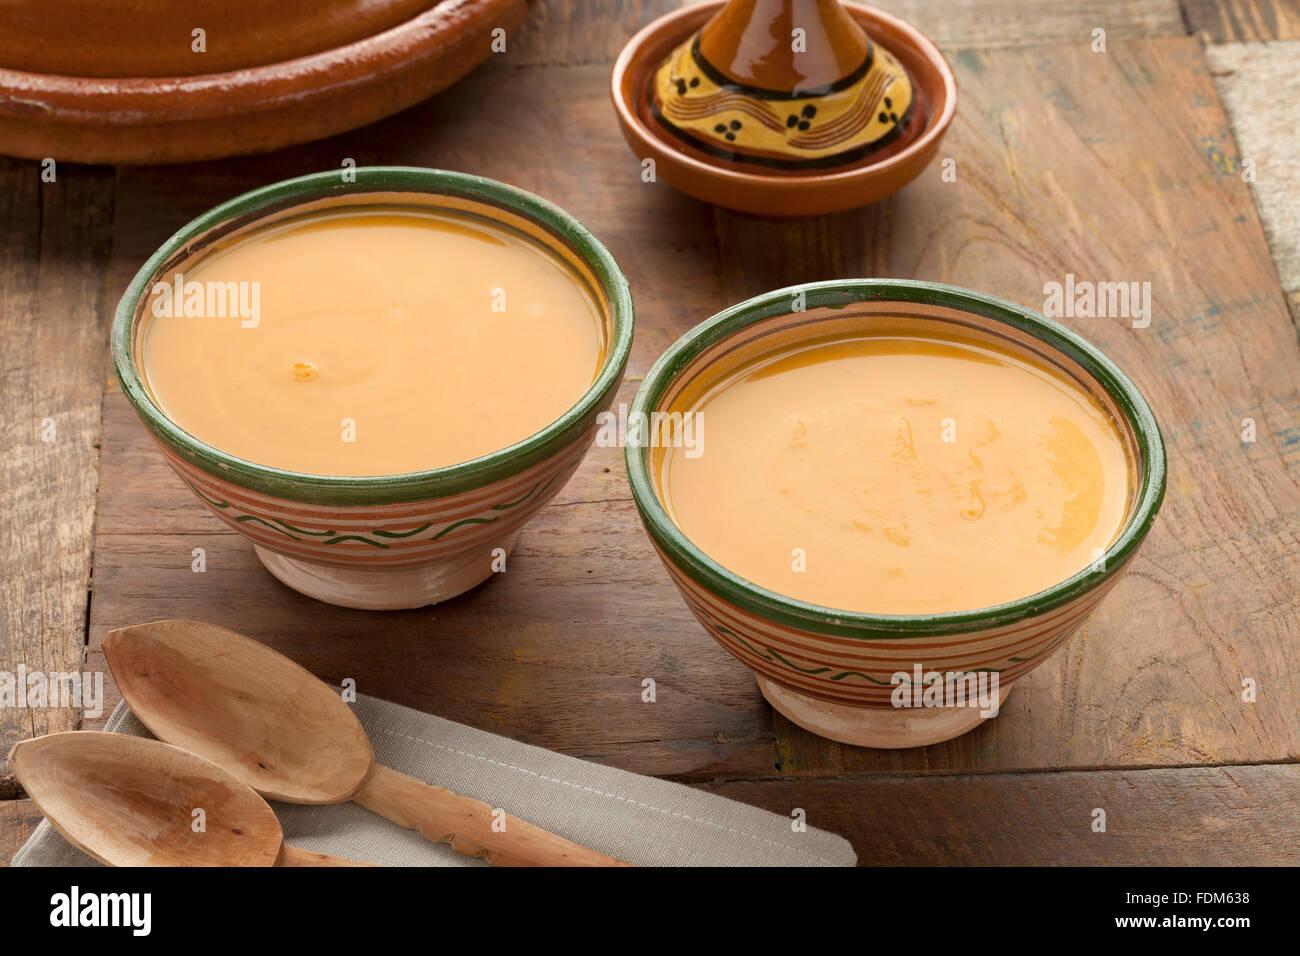 Soupe de carottes potiron marocain traditionnel prêt à manger Photo Stock